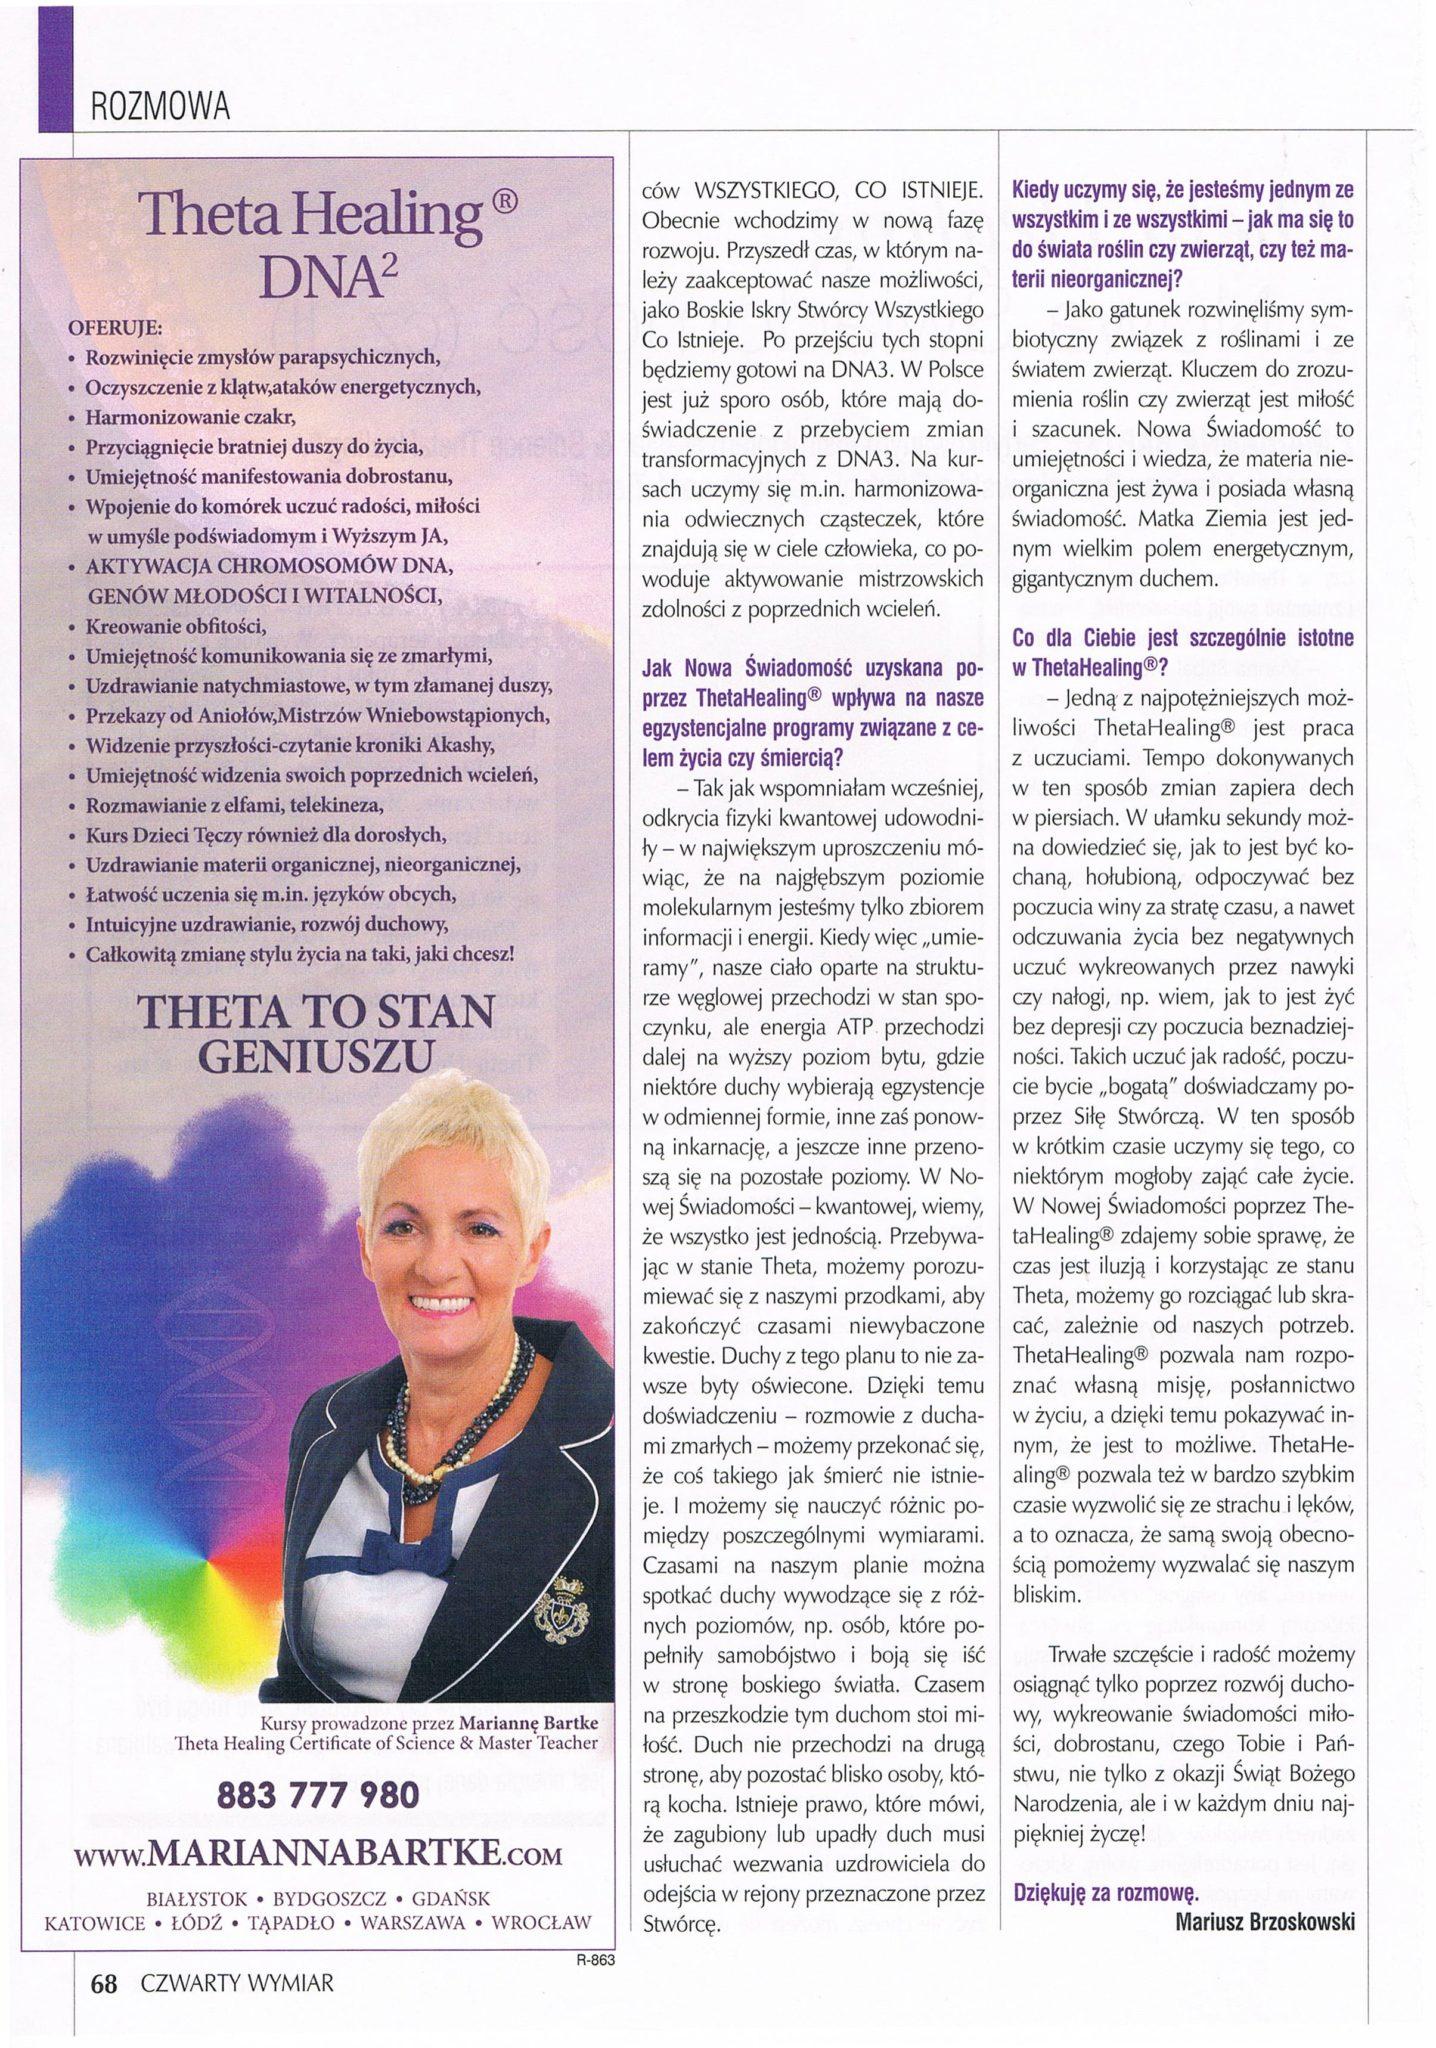 Czwarty Wymiar - Theta Healing a Nowa Świadomość. str. 4